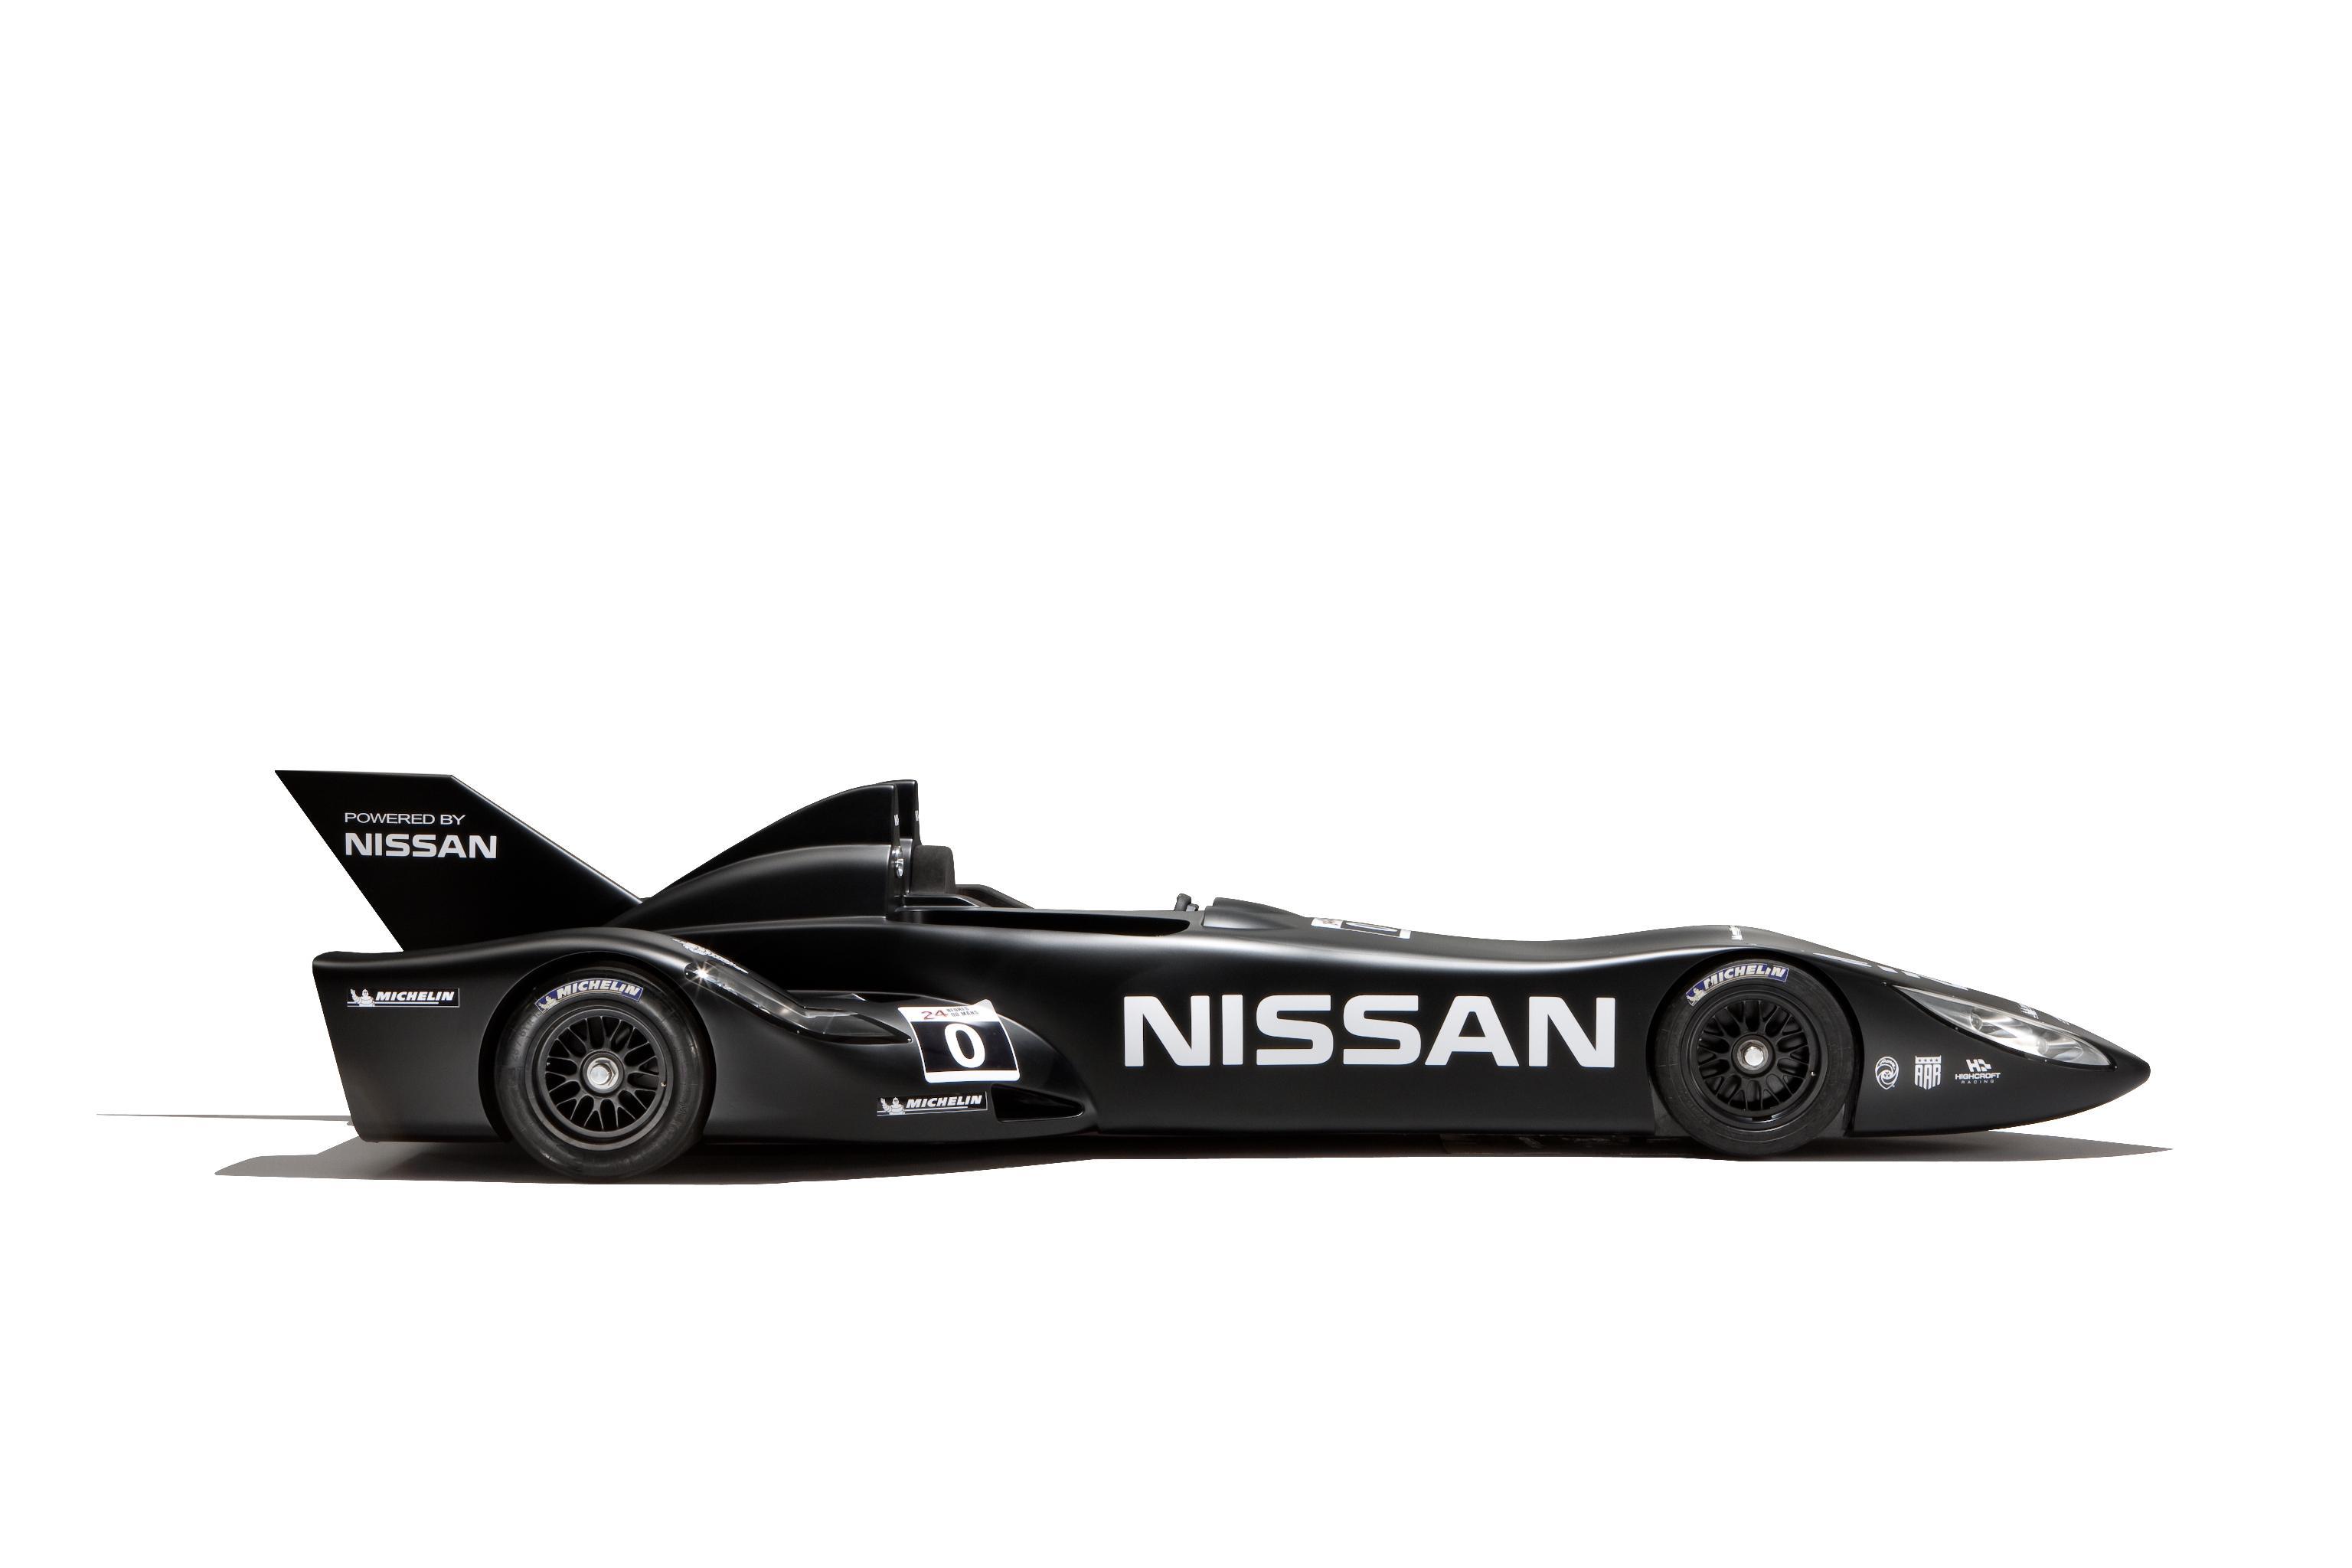 Nissan DeltaWing Batmobile Side 2